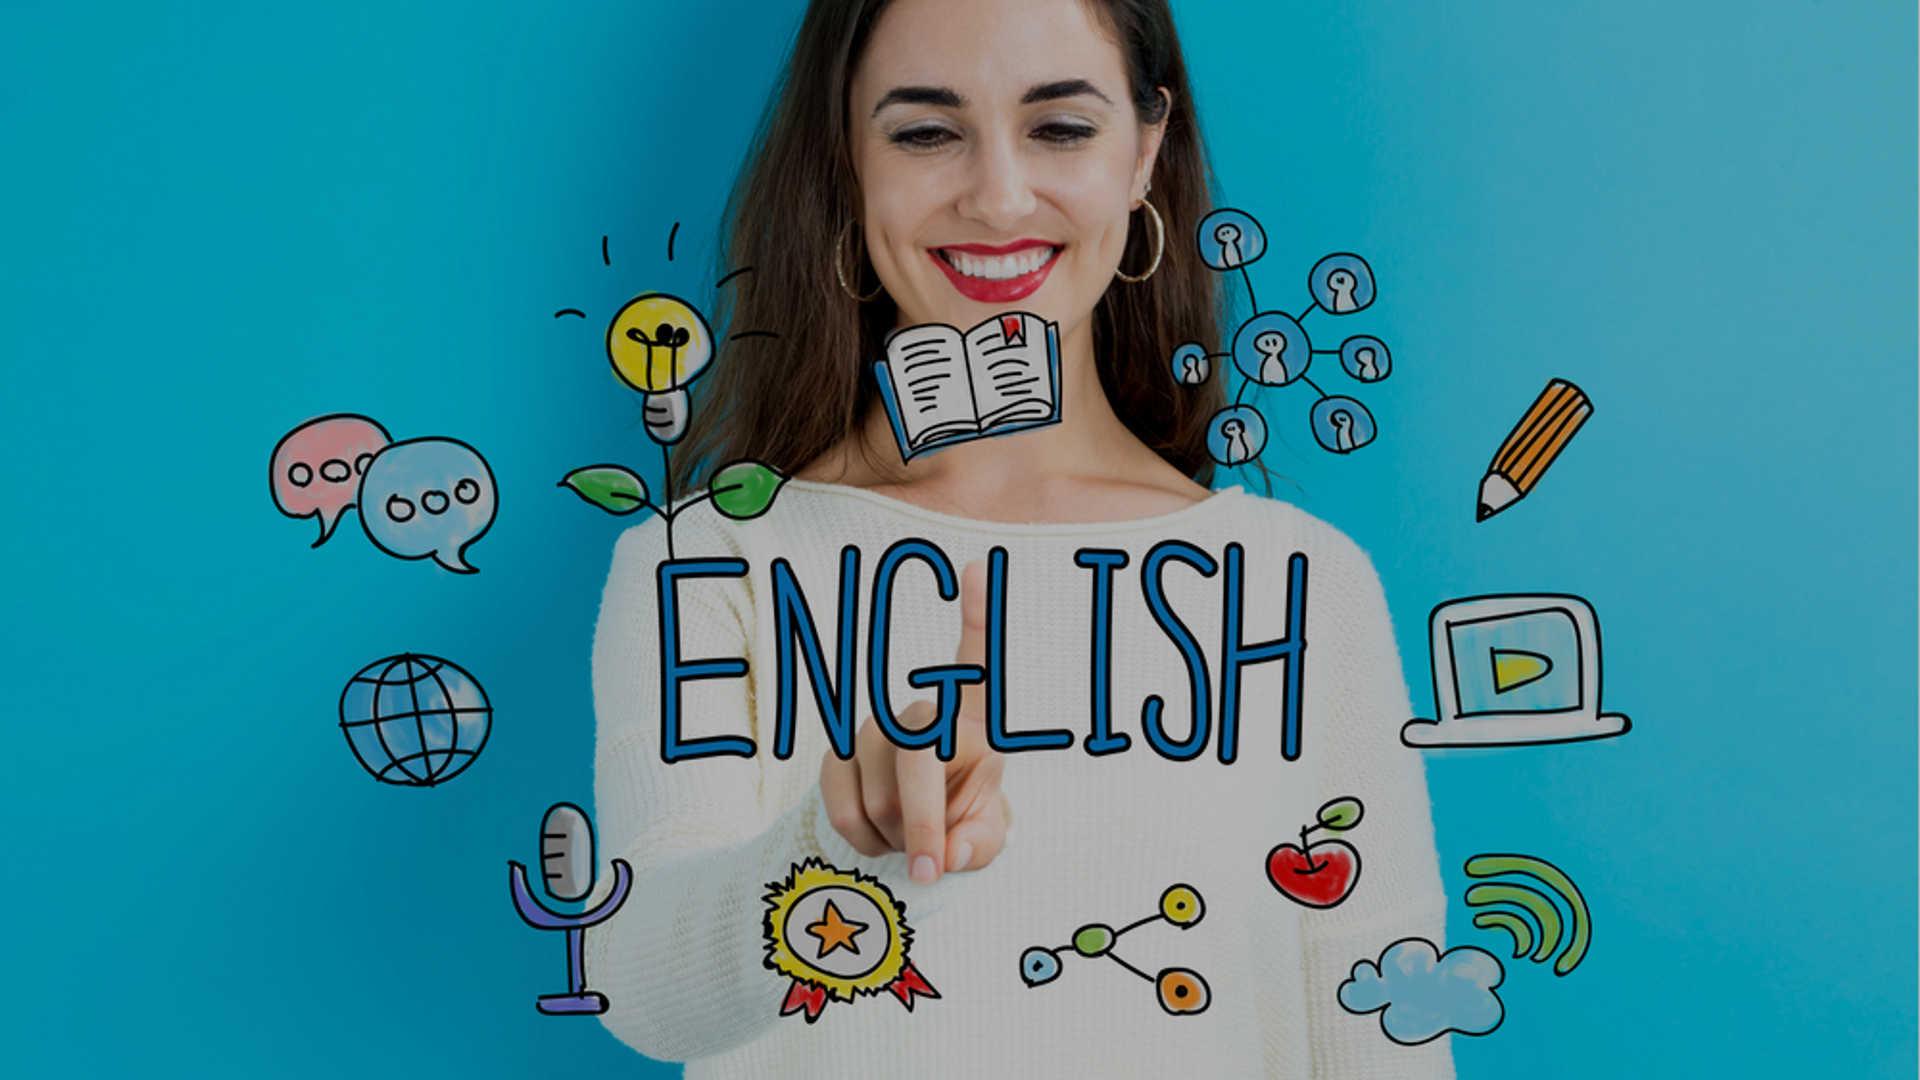 Cursos intensivos de inglés para este verano 2018, ¡no te quedes sin plaza!